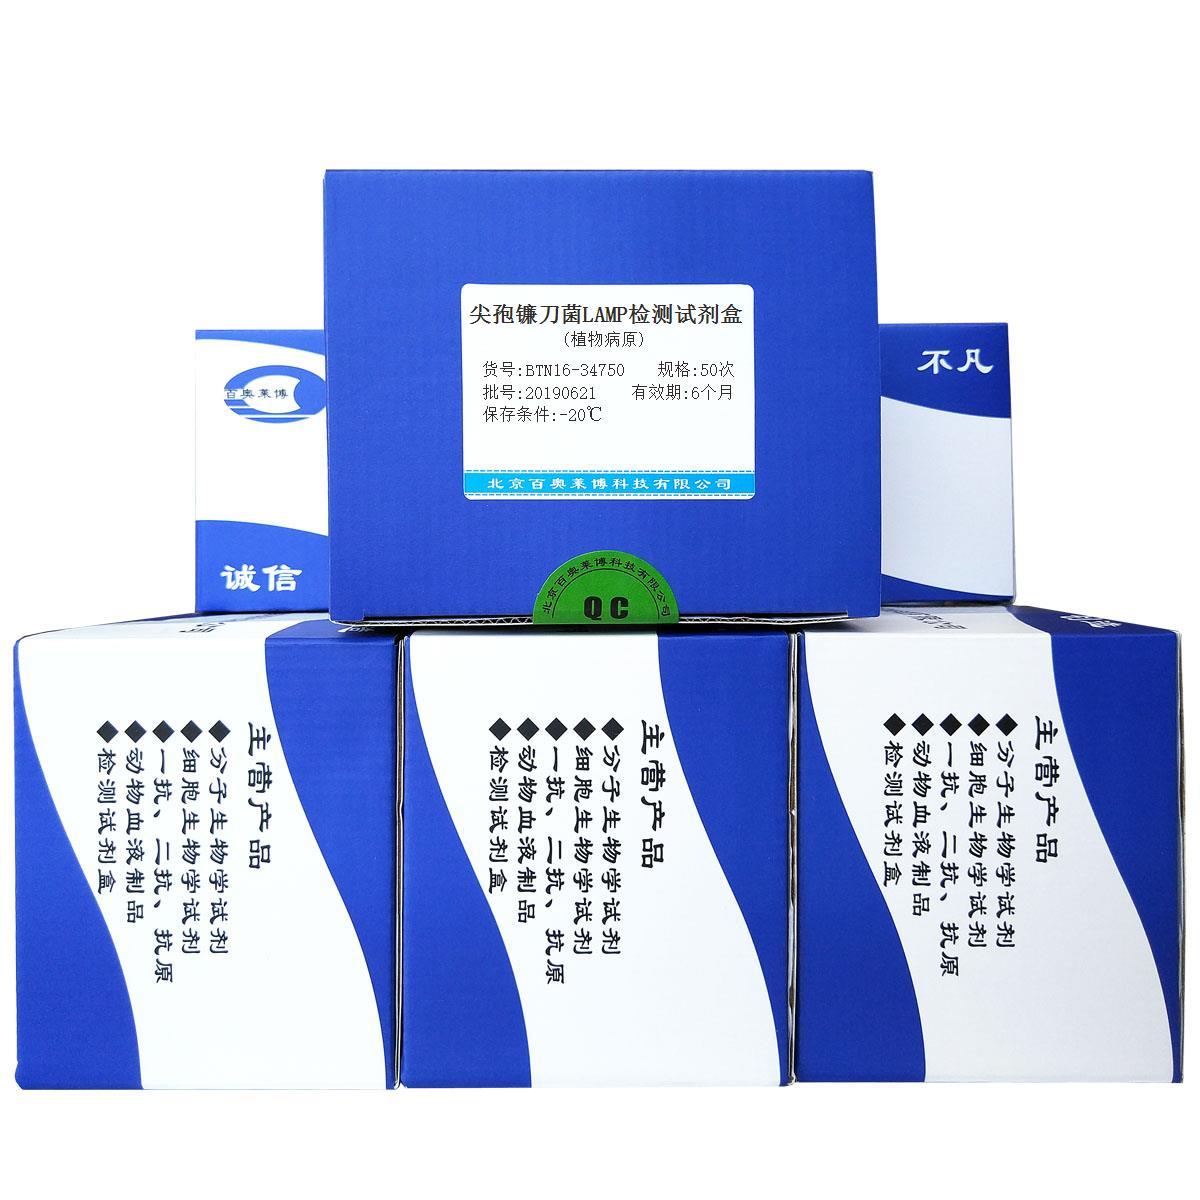 尖孢镰刀菌LAMP检测试剂盒(植物病原)